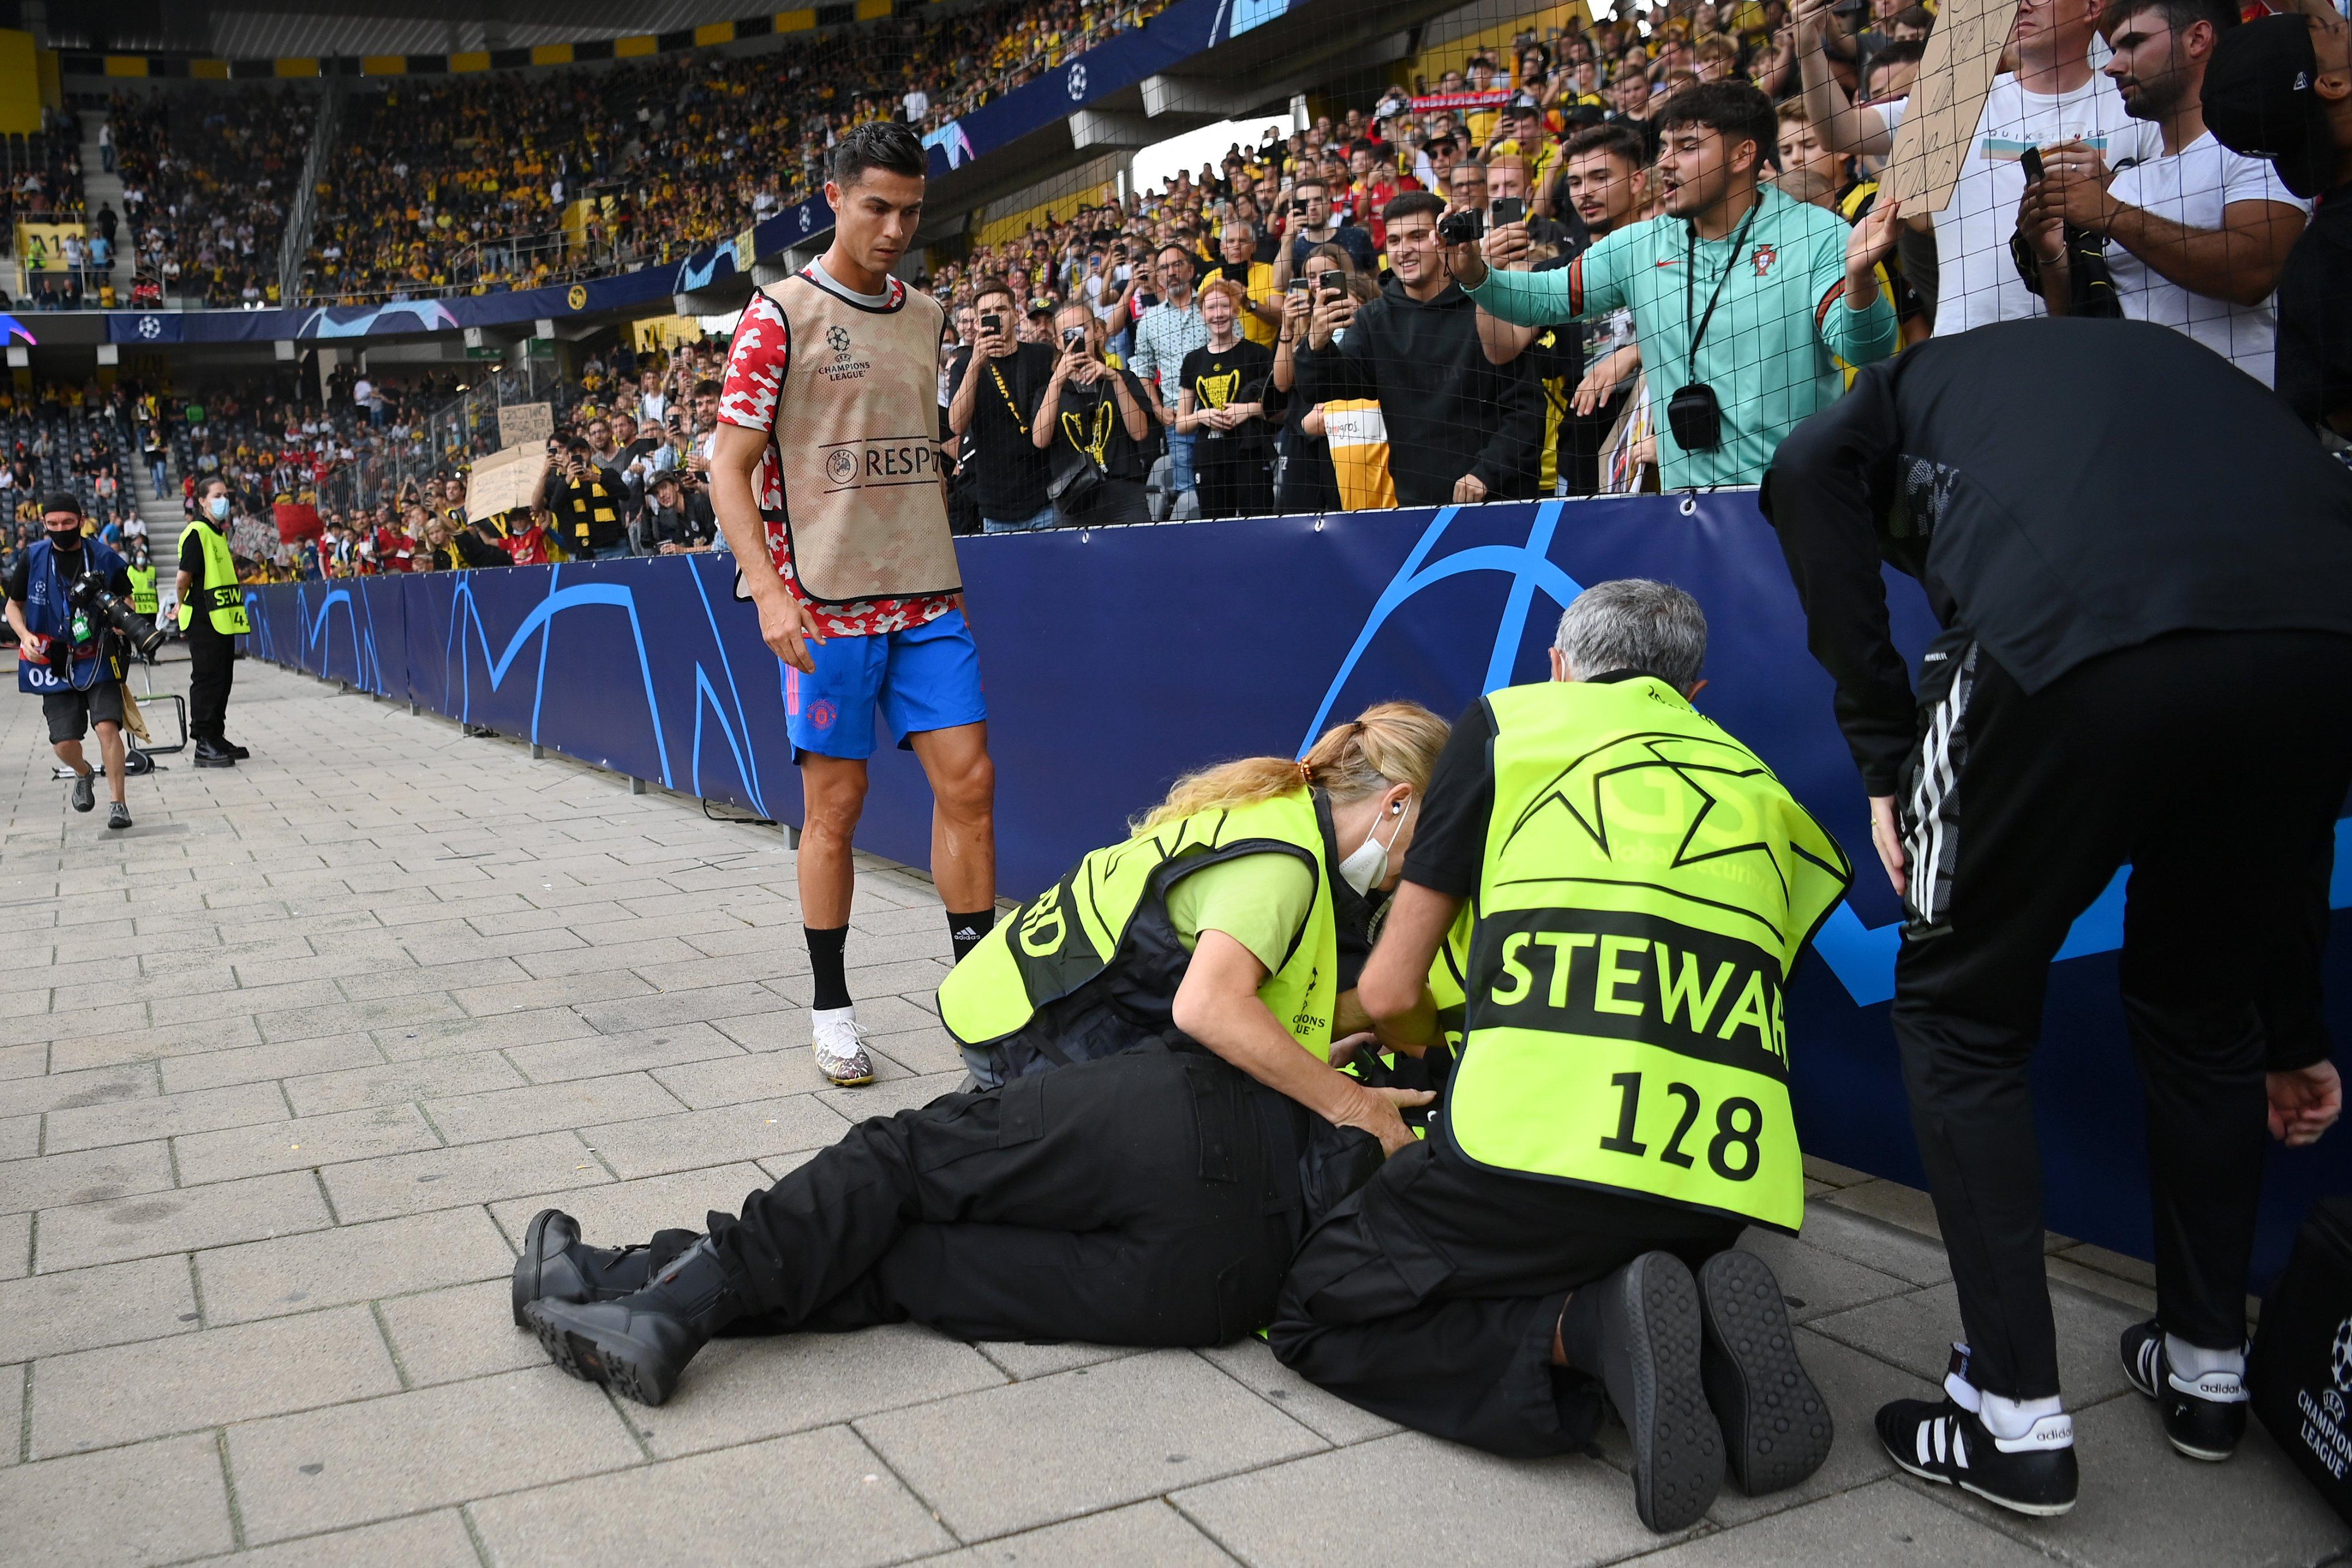 رونالدو بطل حادث غريب وقع أثناء إحماء لاعبي مانشستر يونايتد